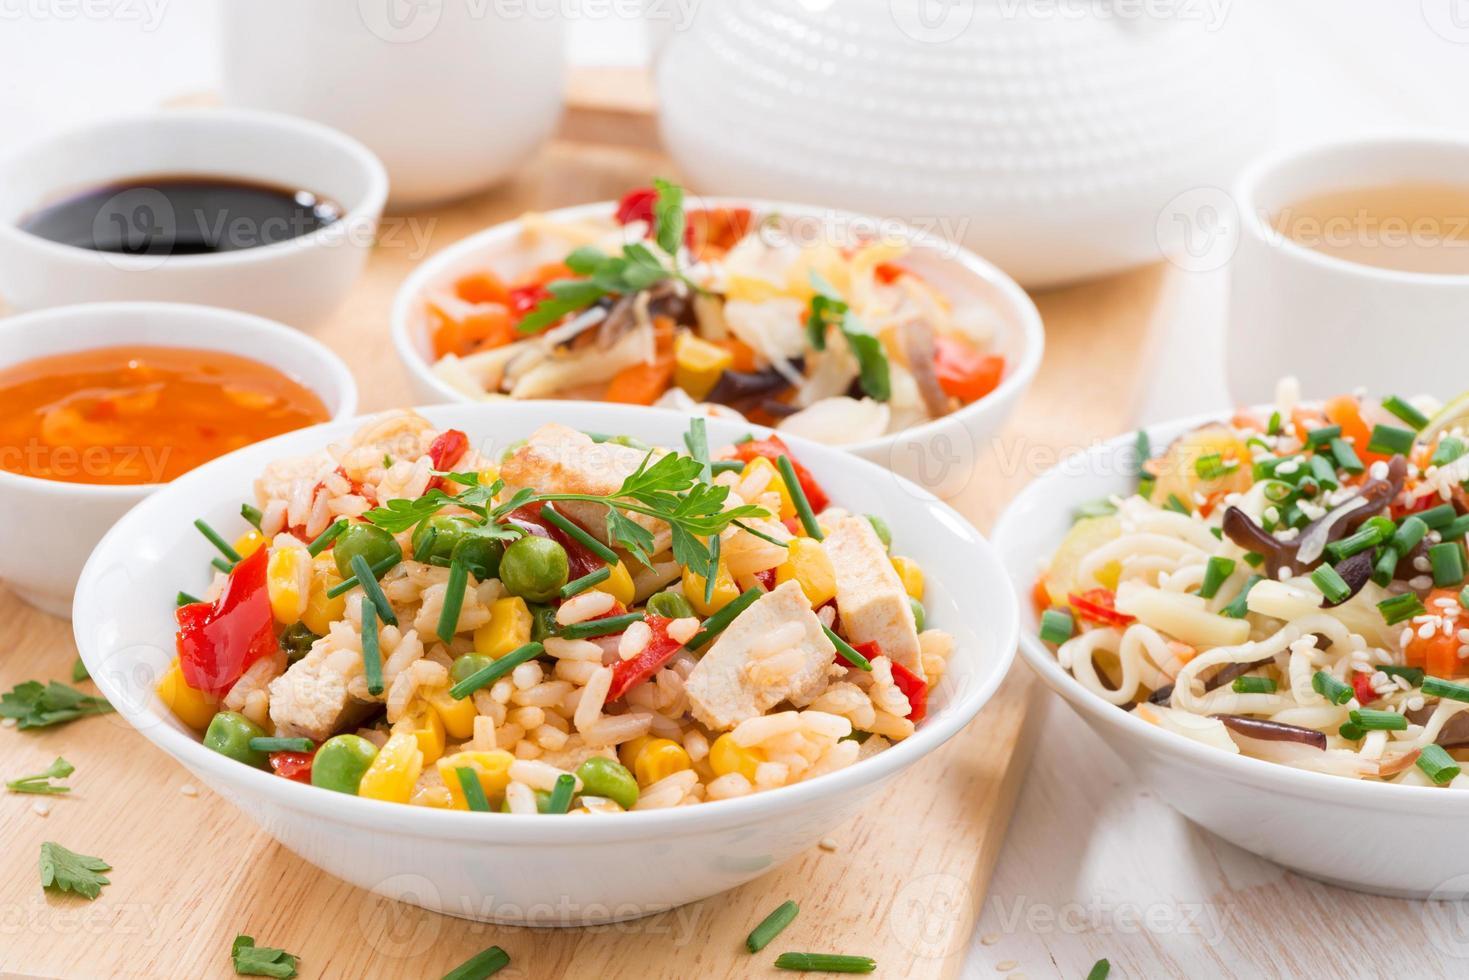 déjeuner asiatique - riz frit avec tofu, nouilles, légumes photo